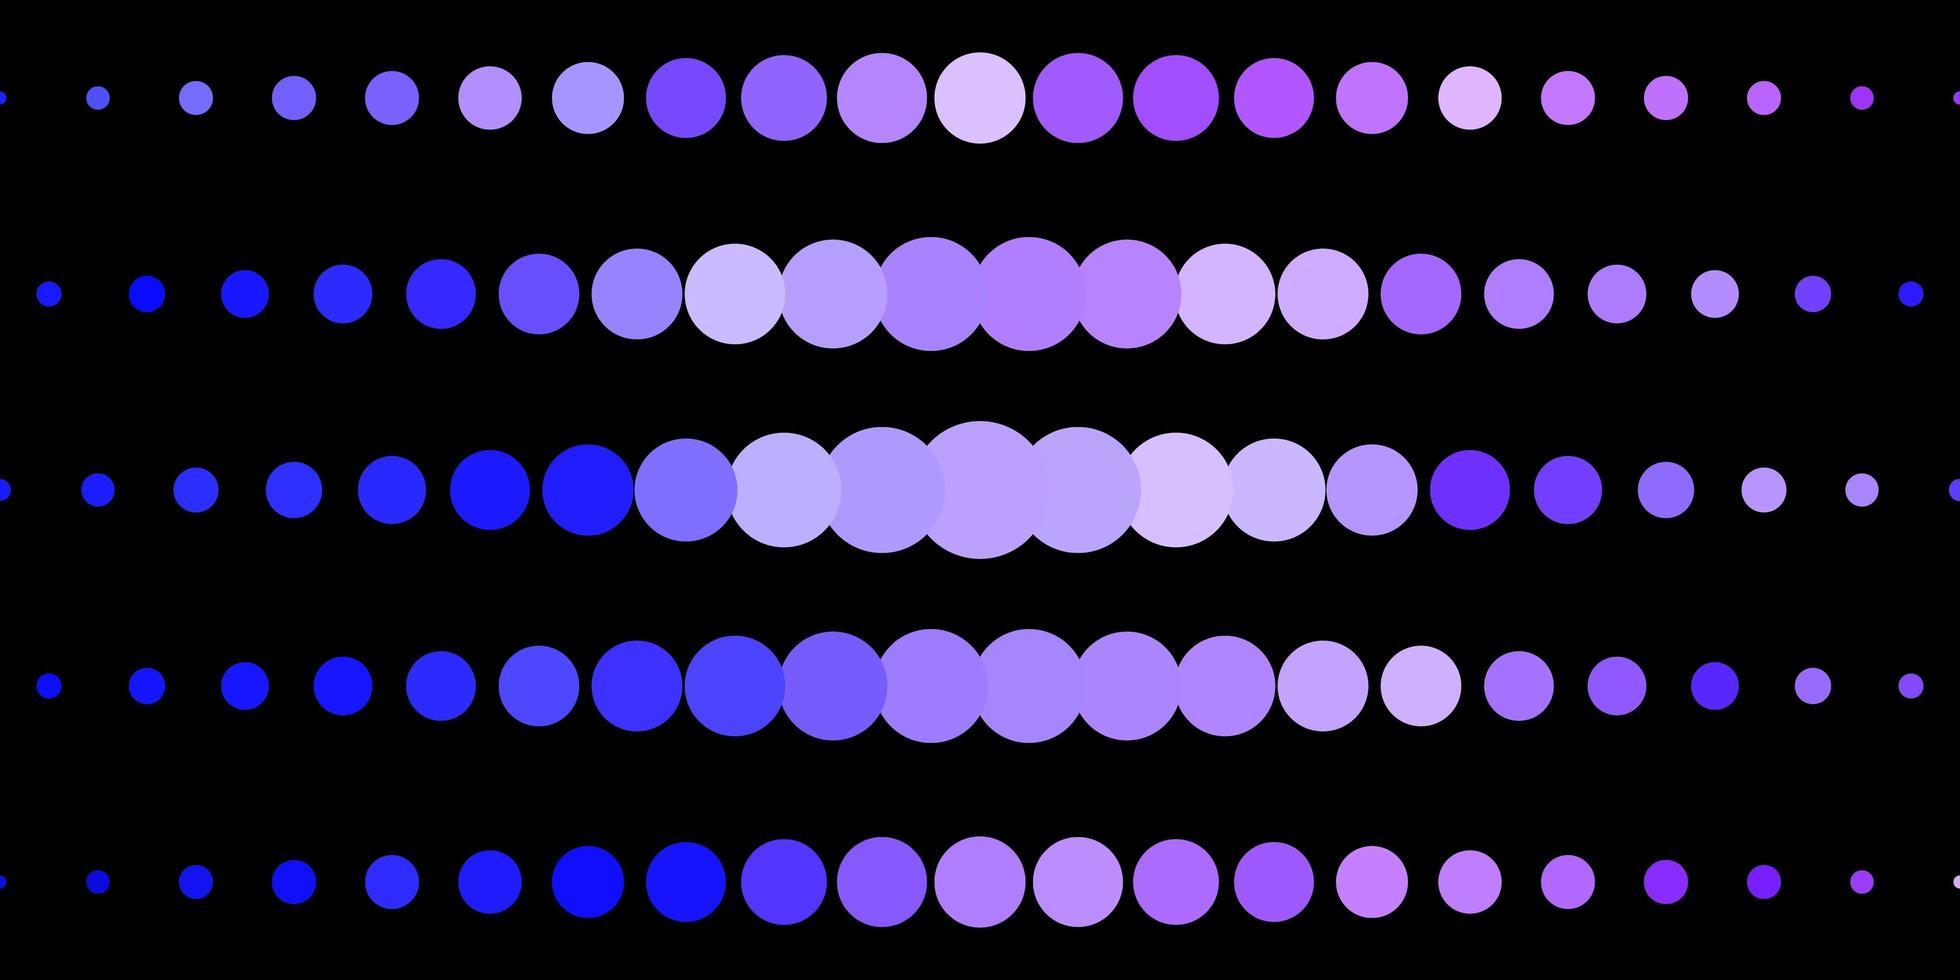 fond de vecteur rose foncé, bleu avec des taches.